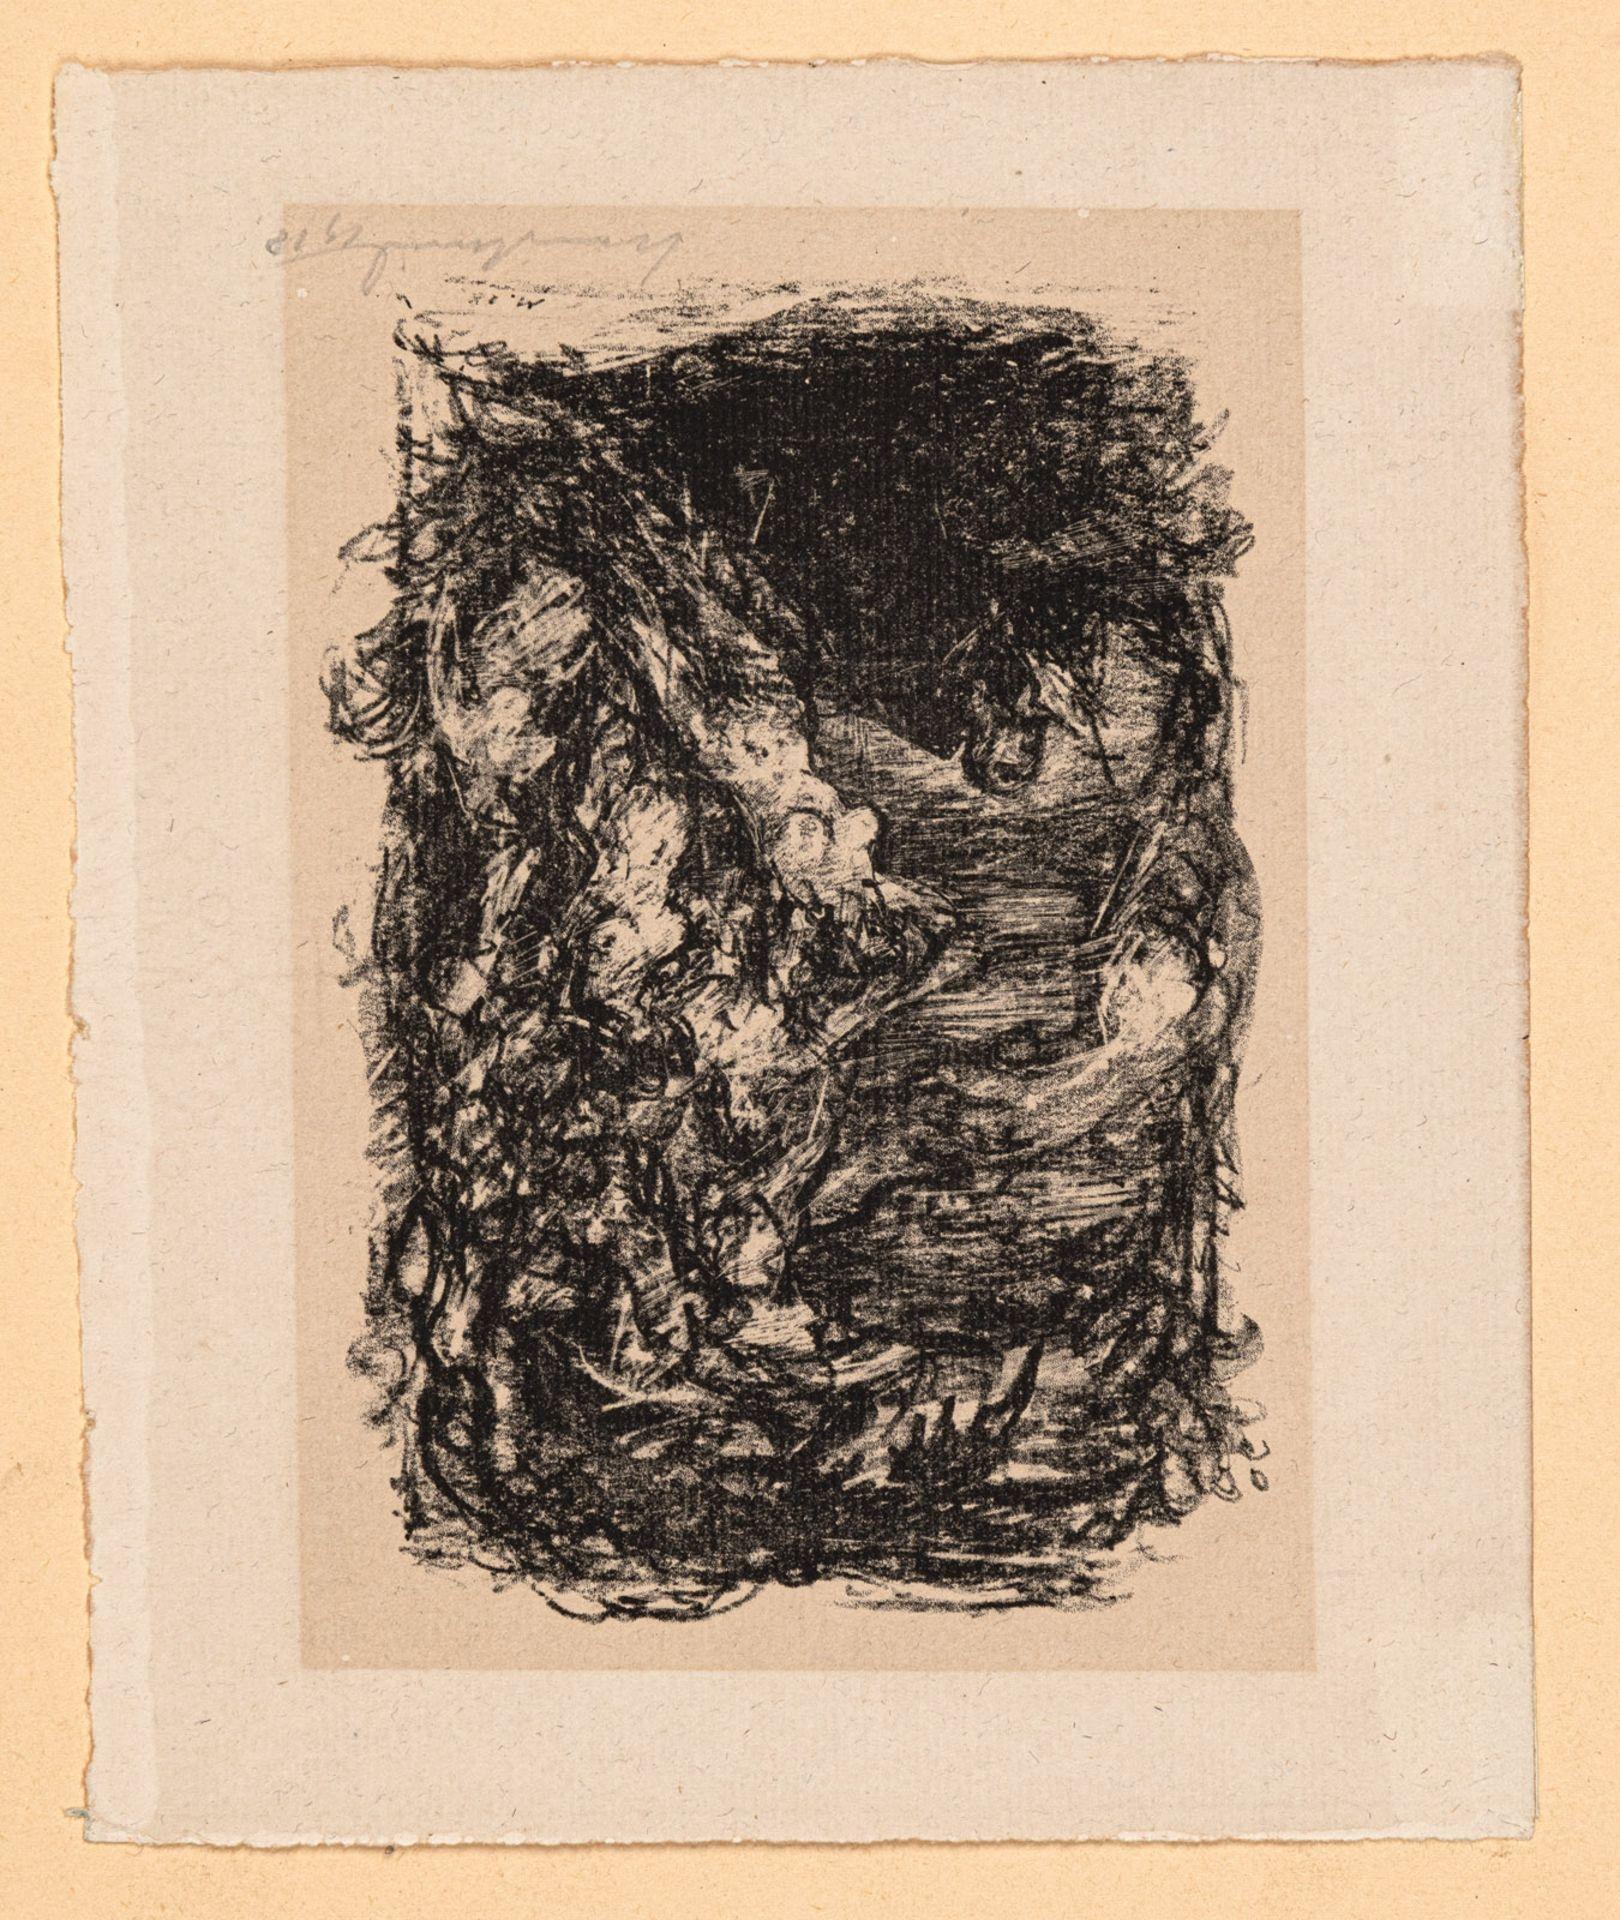 Meid, Hans - Image 12 of 12